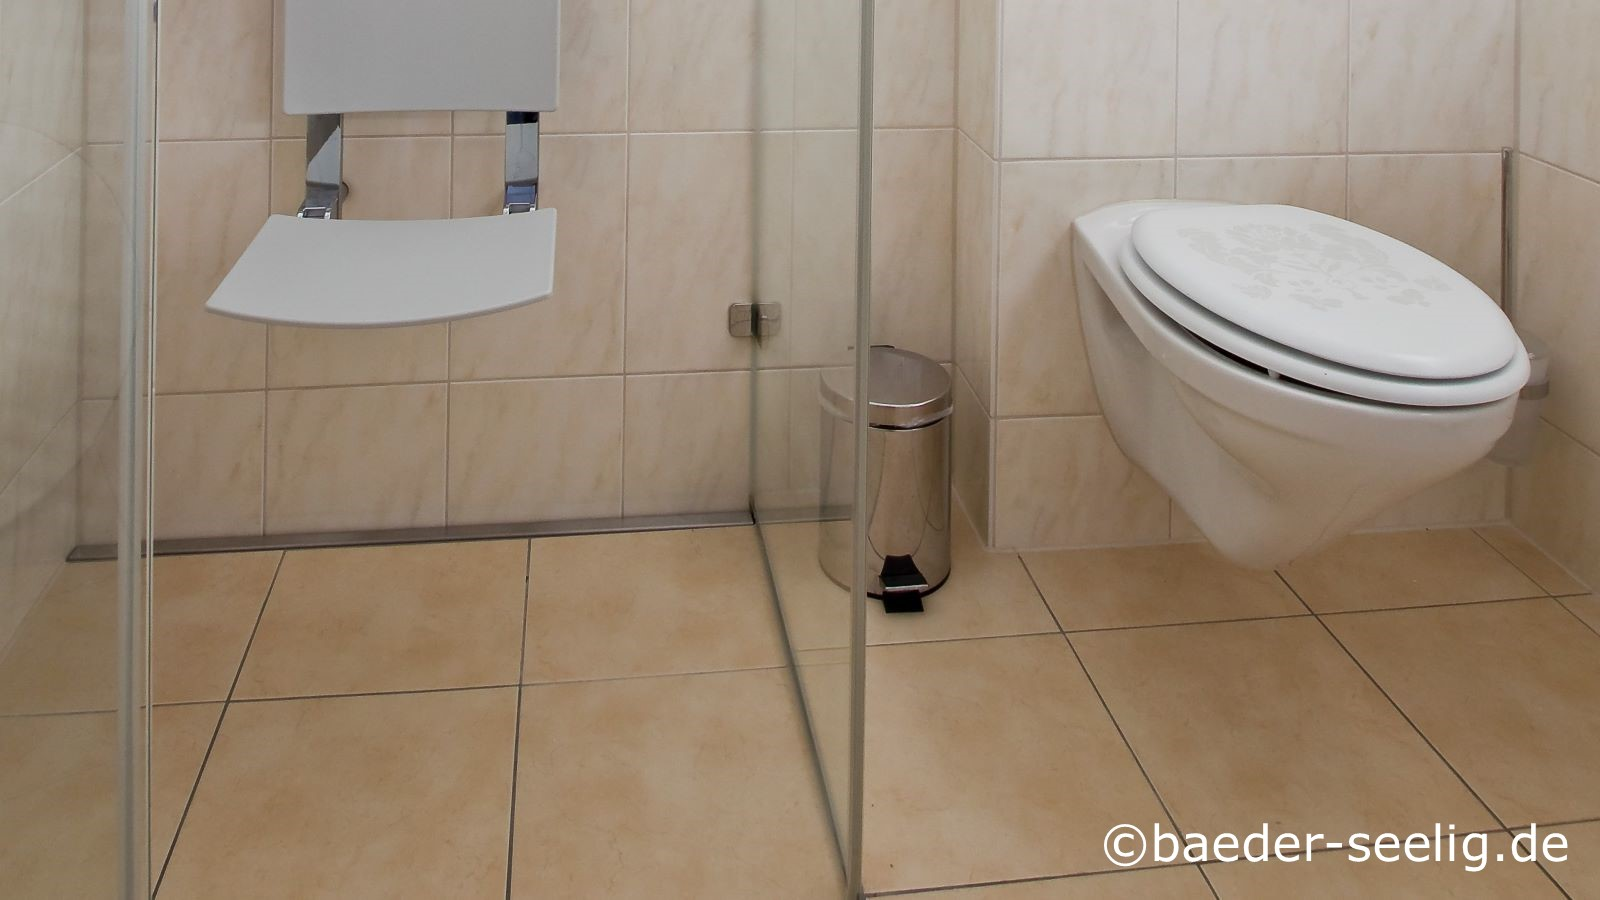 Abgebildet ist eine behindertengerechte, komfortable duschkabine mit duschklappsitz links und ein behindertengerechtes wc mit hohem wc sitz rechts. Wie im anderen behindertengerechten bad auf dem vorigen foto ist die extra flache v4a edelstahl-duschrinne pro mit nur 40 mm einbautiefe wandbuendig von der linken duschwand bis zur glasduschabtrennung rechts passgenau montiert. Die super flache duschablaufrinne nach mass wurde wieder in der optimalen variante eingebaut. Die vorteile, die dieses gerade fuer ein alters-, senioren oder behindertengerechtes bad mit sich bringt sind wie im letzten foto geschildert: Grosse, pflegeleichte  fliesen konnten verlegt werden, man sieht die langlebige, dezente, schmale, robuste abdeckung des duschablaufs, auch sie ist ausgesprochen reinigungsfreundlich. Schwellenfreies durchfliesen mit grossformatigen bodenfliesen ist wesentlich fuer barrierefreie baeder, das ist hier moeglich dank der duschrinne pro in ihrer optimalen variante fuer diese duschplanung.